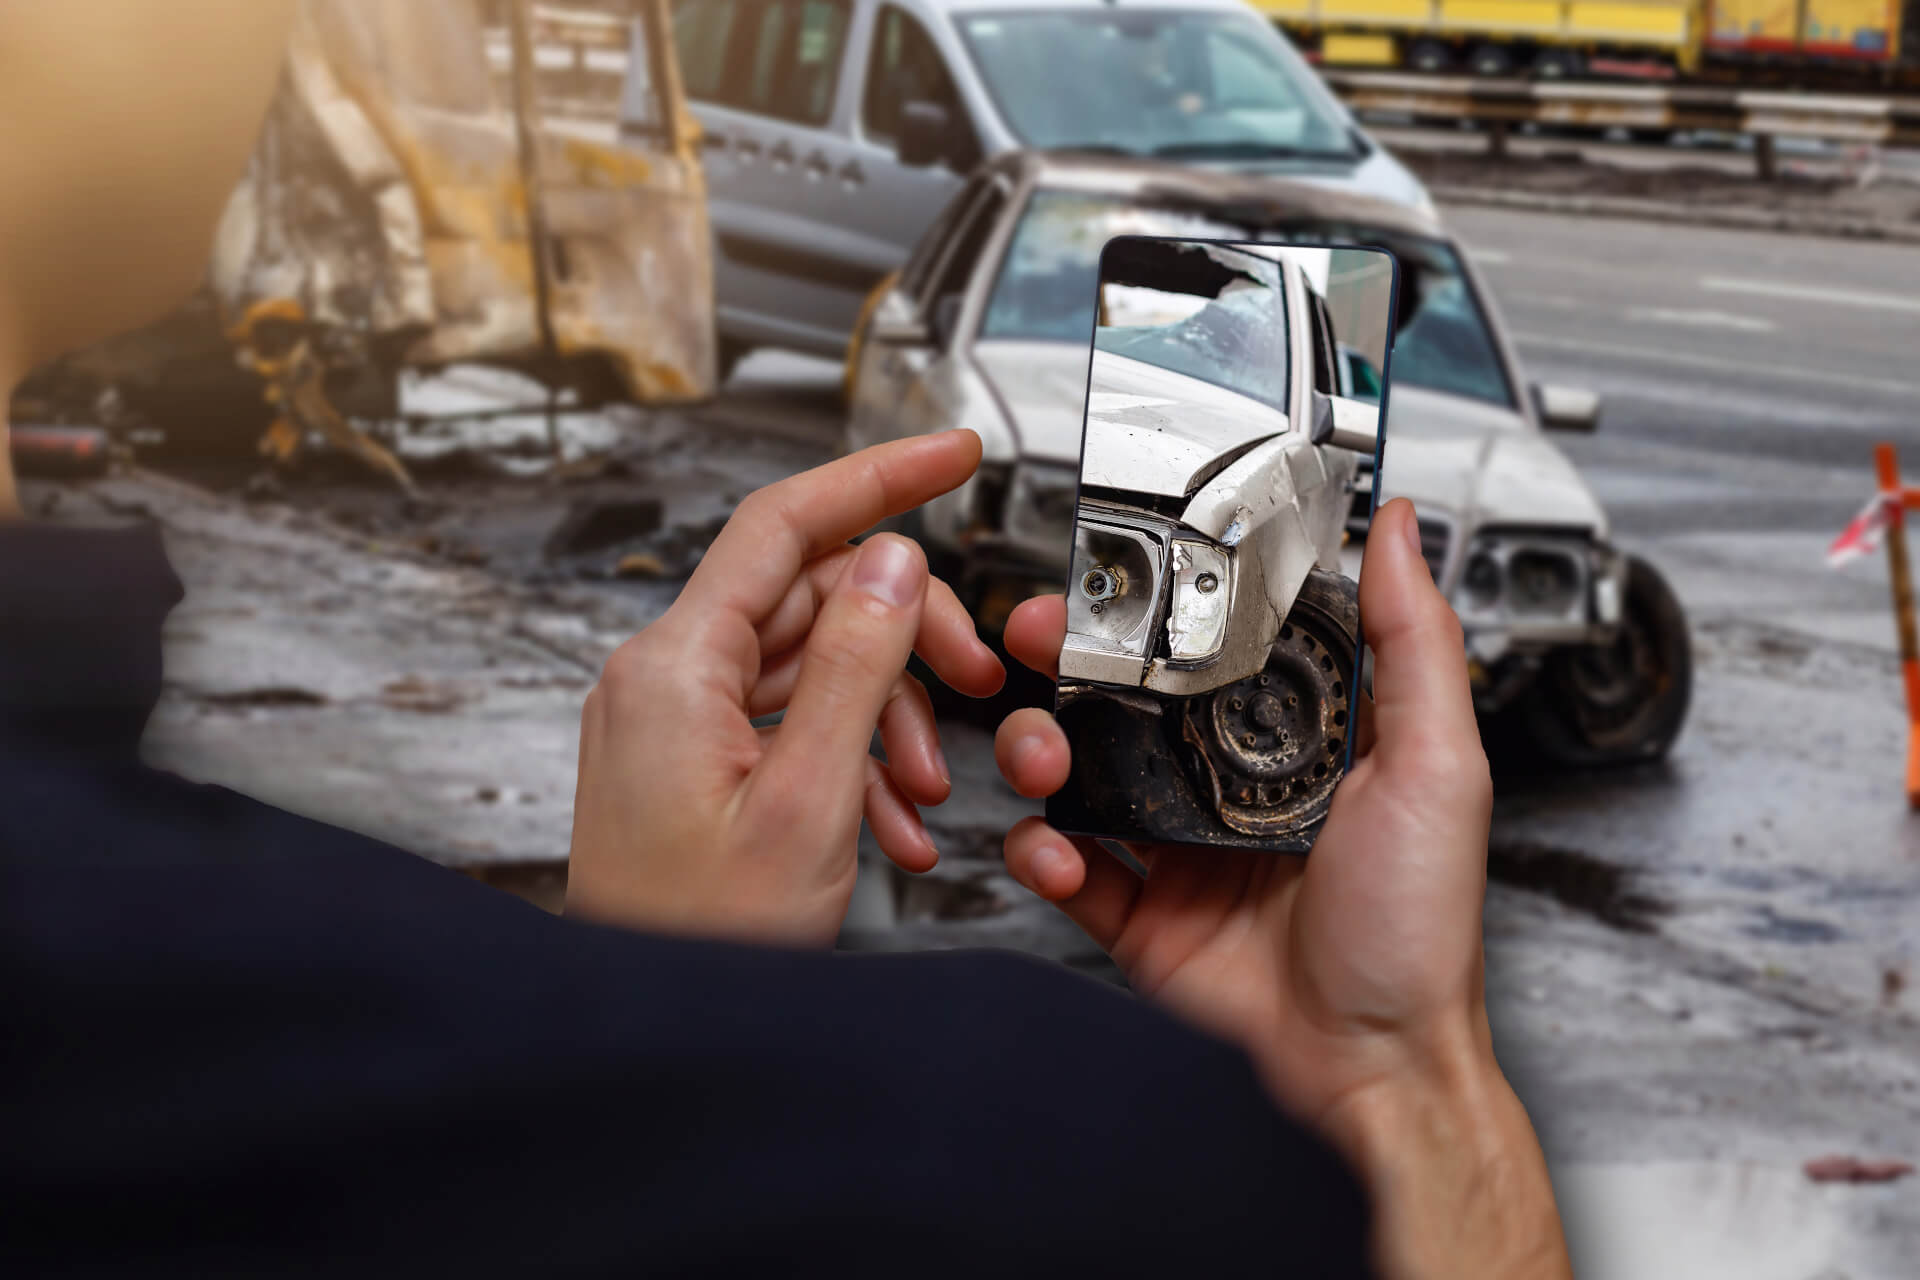 Bilansvarsforsikringen skal dekke trafikkskader.